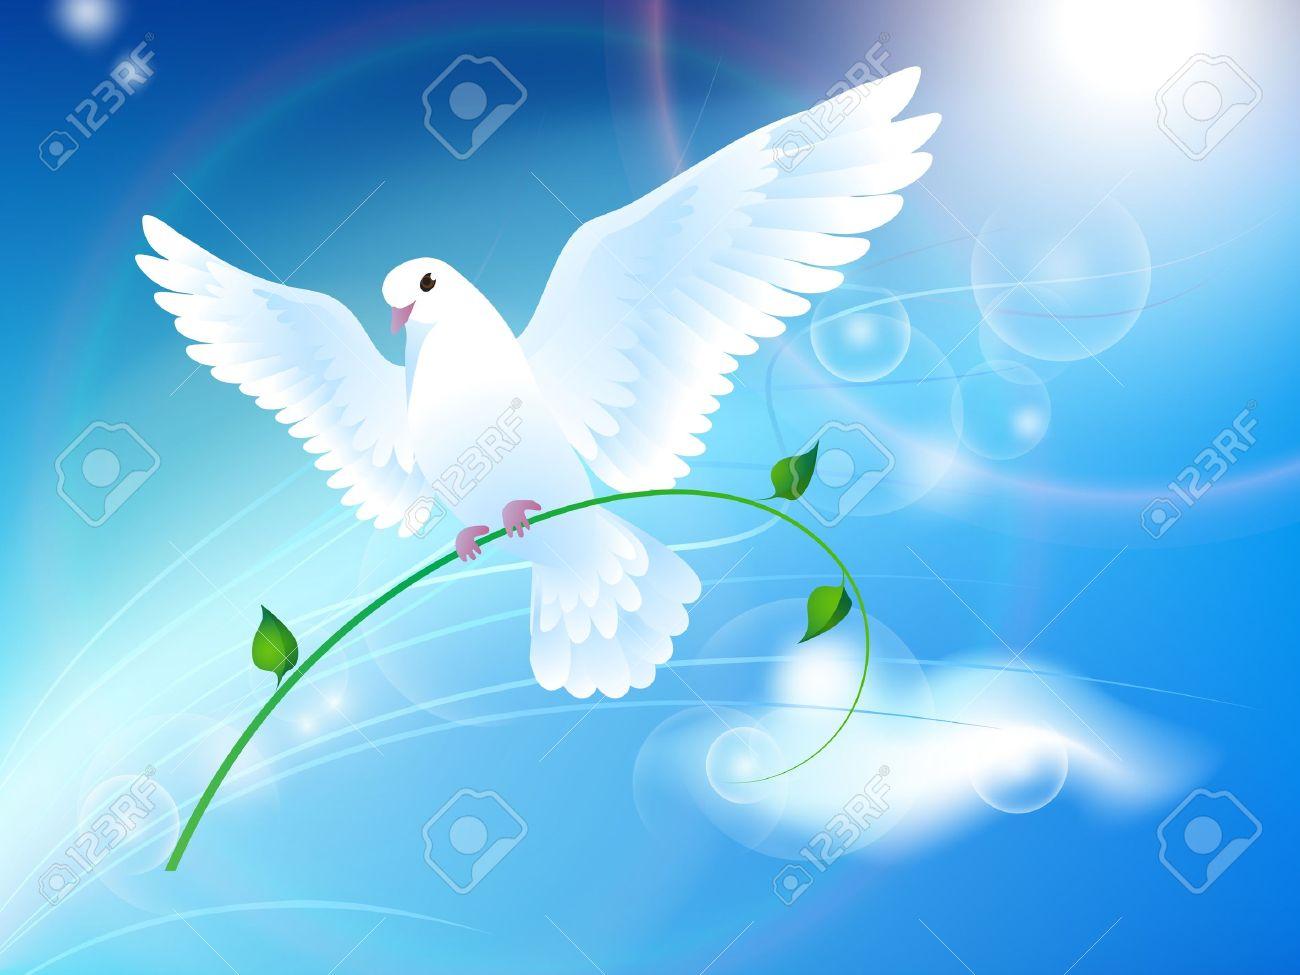 Fabuleux Colombe De La Paix Dans Le Ciel Clip Art Libres De Droits  BY69